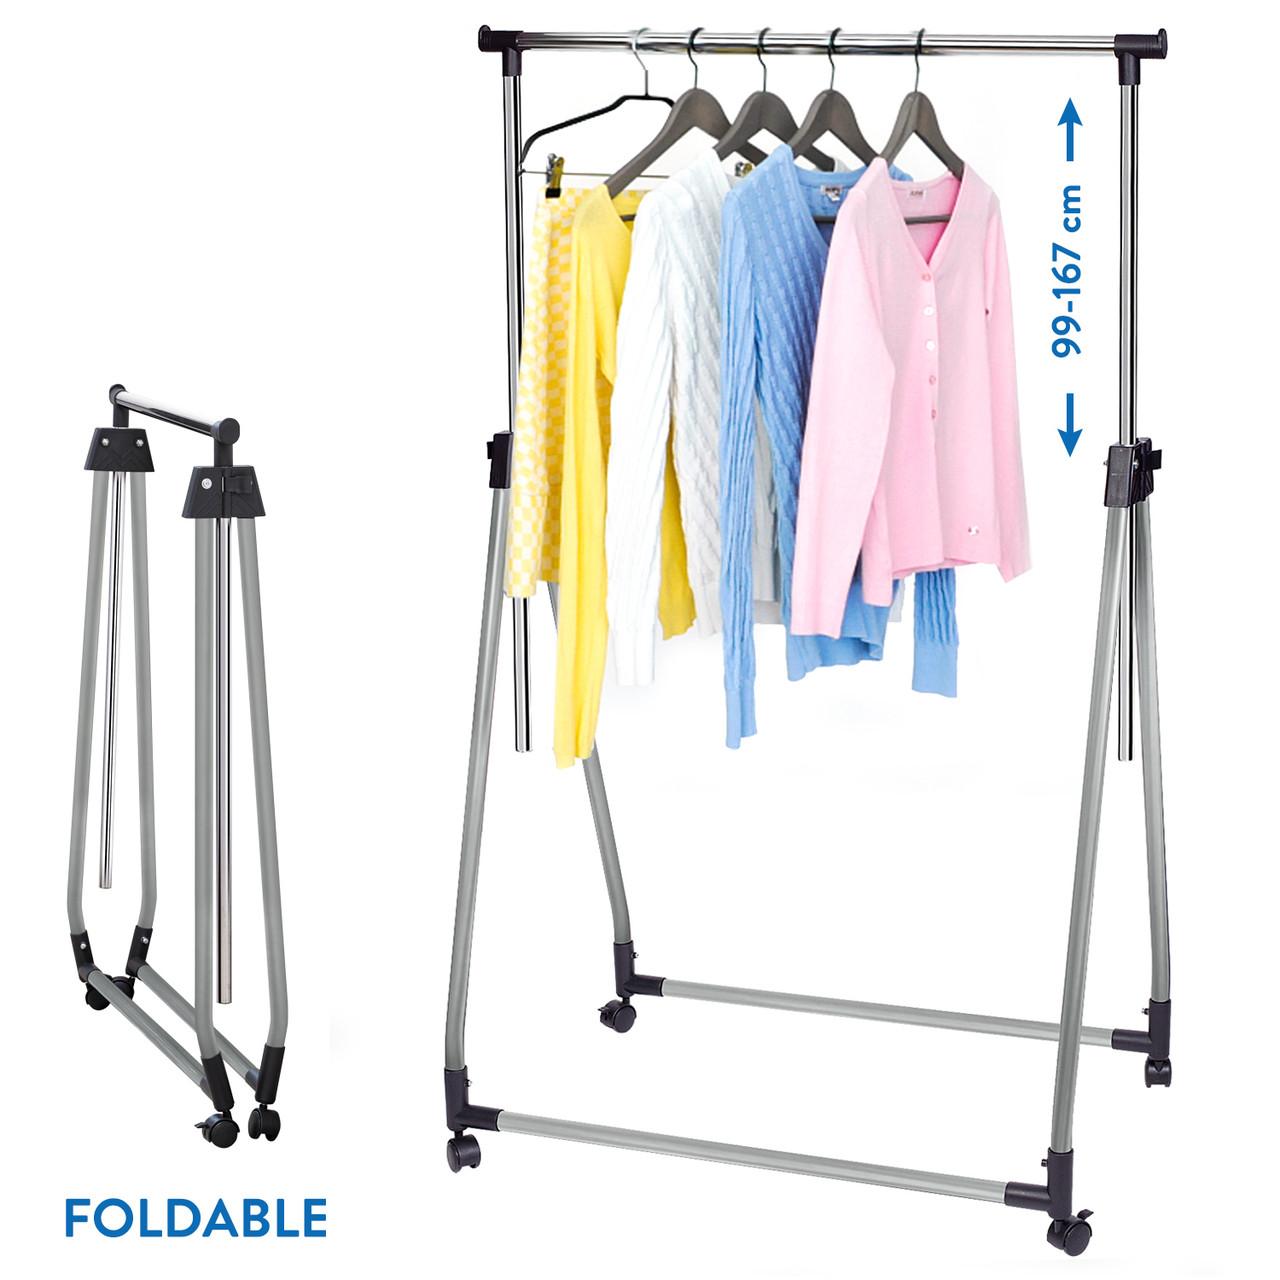 Стойка для одежды Tatkraft Halland складная на колесиках из хромированной стали 89Шх49Гx99x167В см (13247)